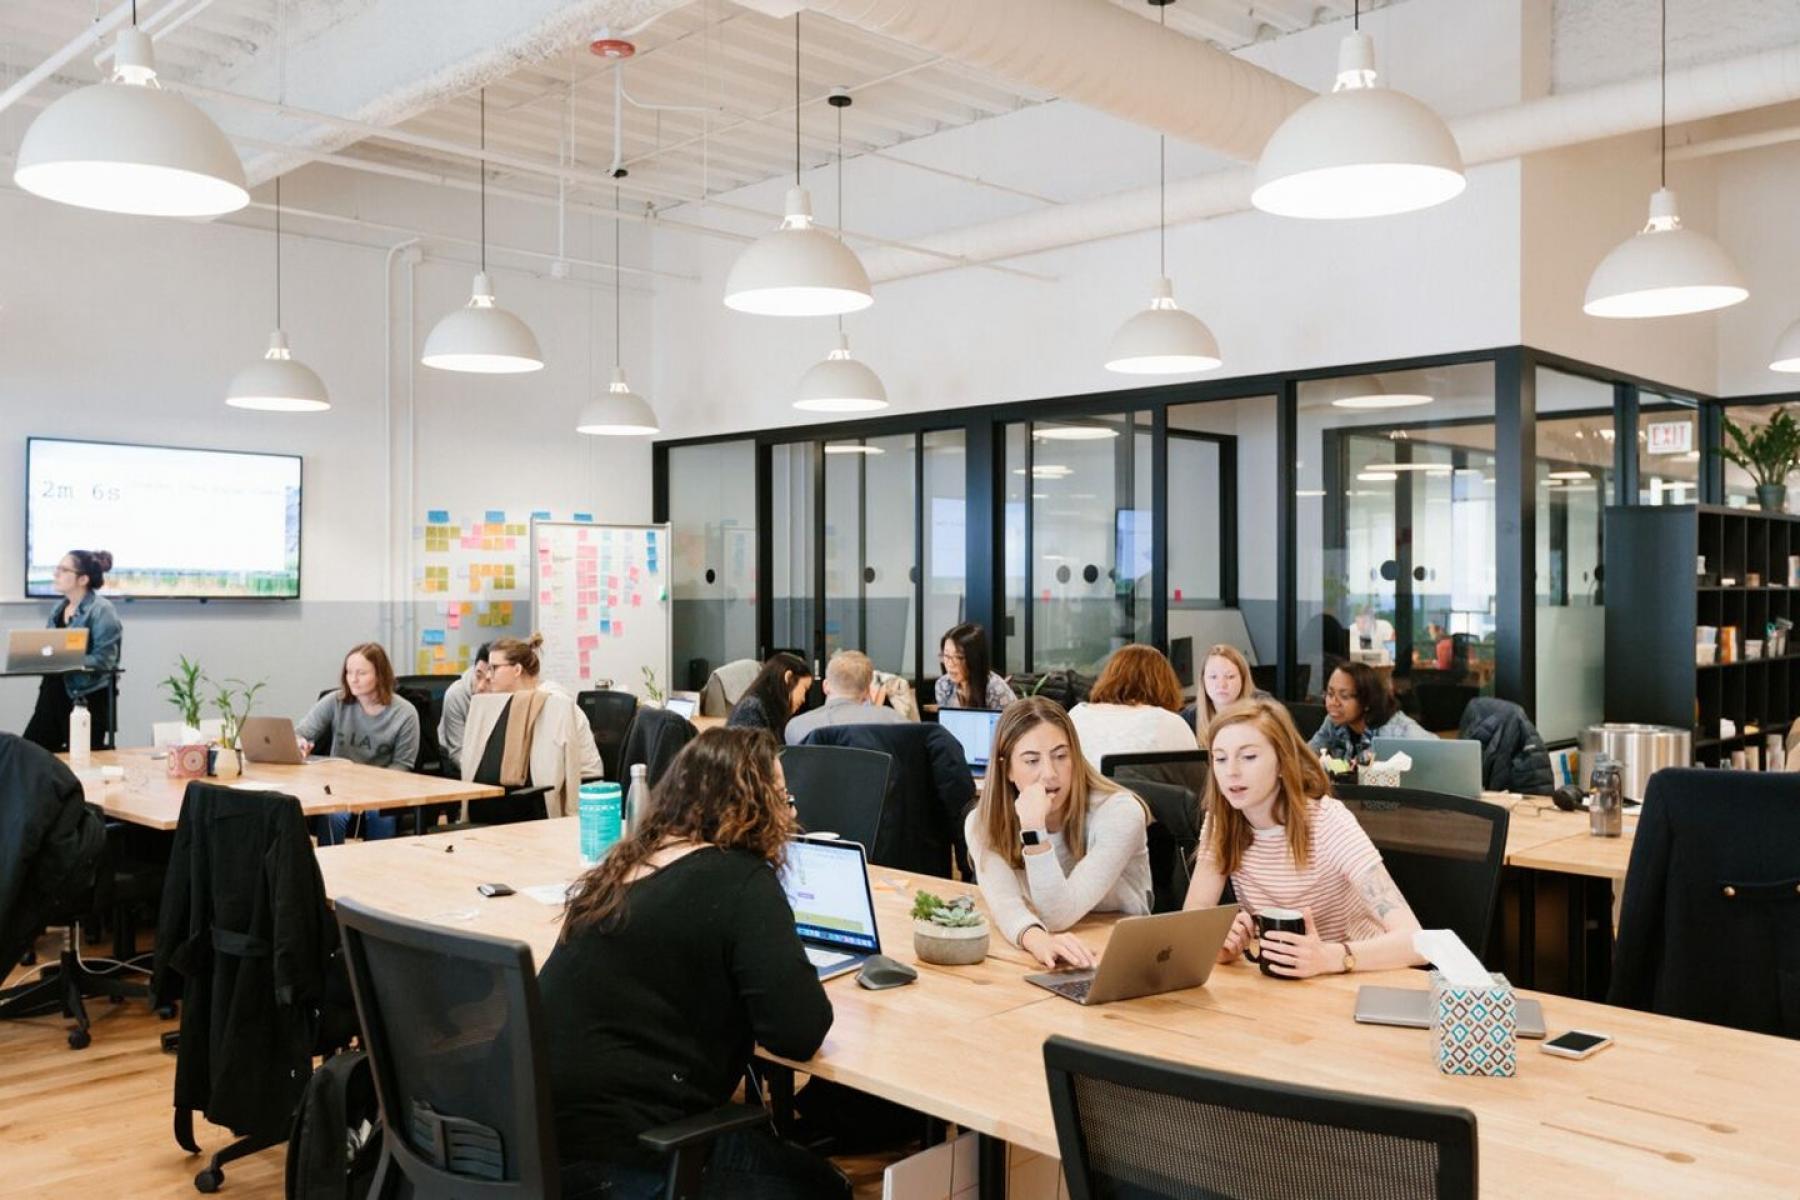 Cet espace commun convient parfaitement pour le partage d'idées au sein de votre équipe